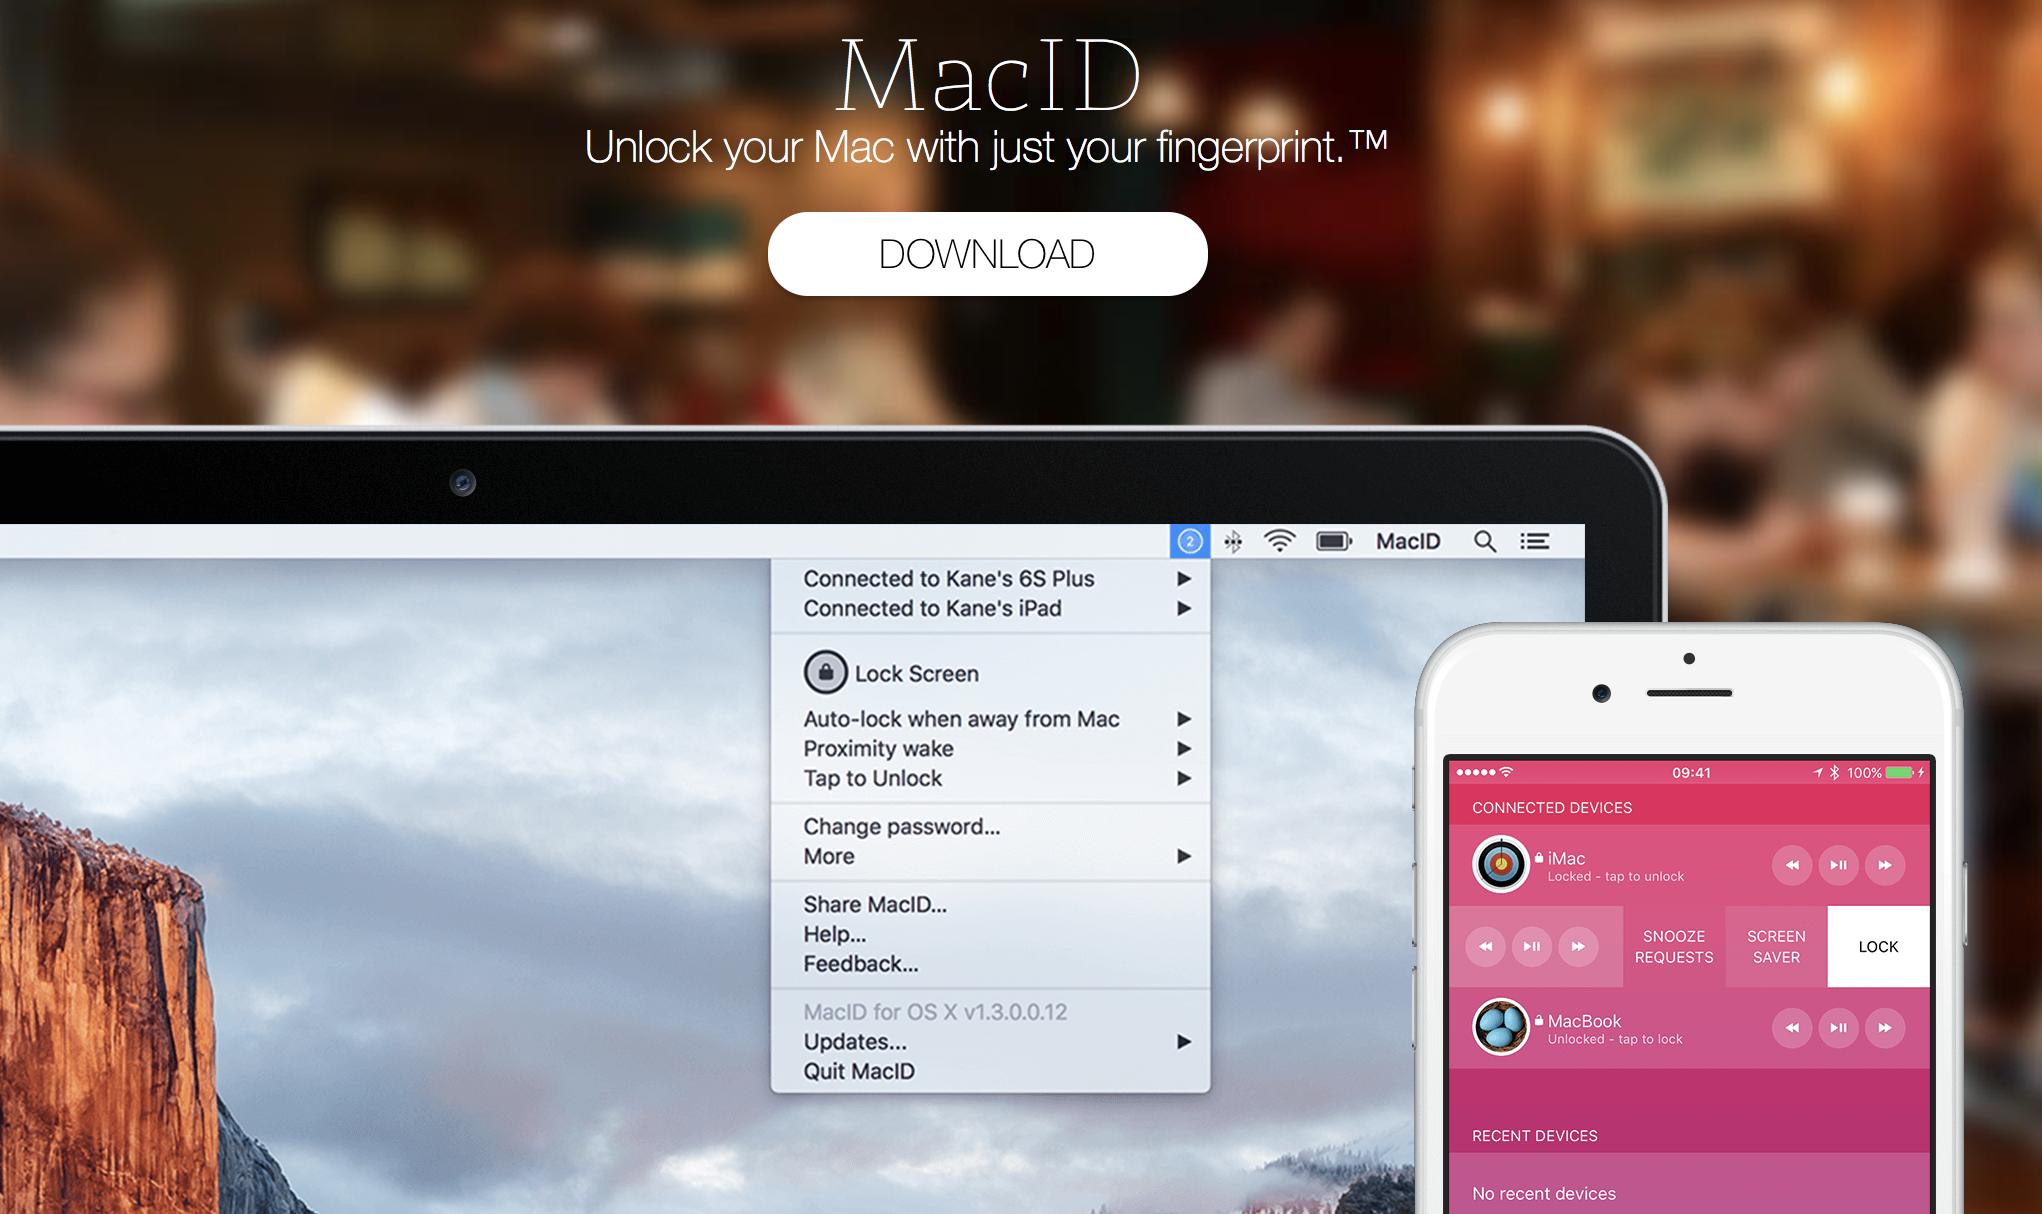 Mac ID